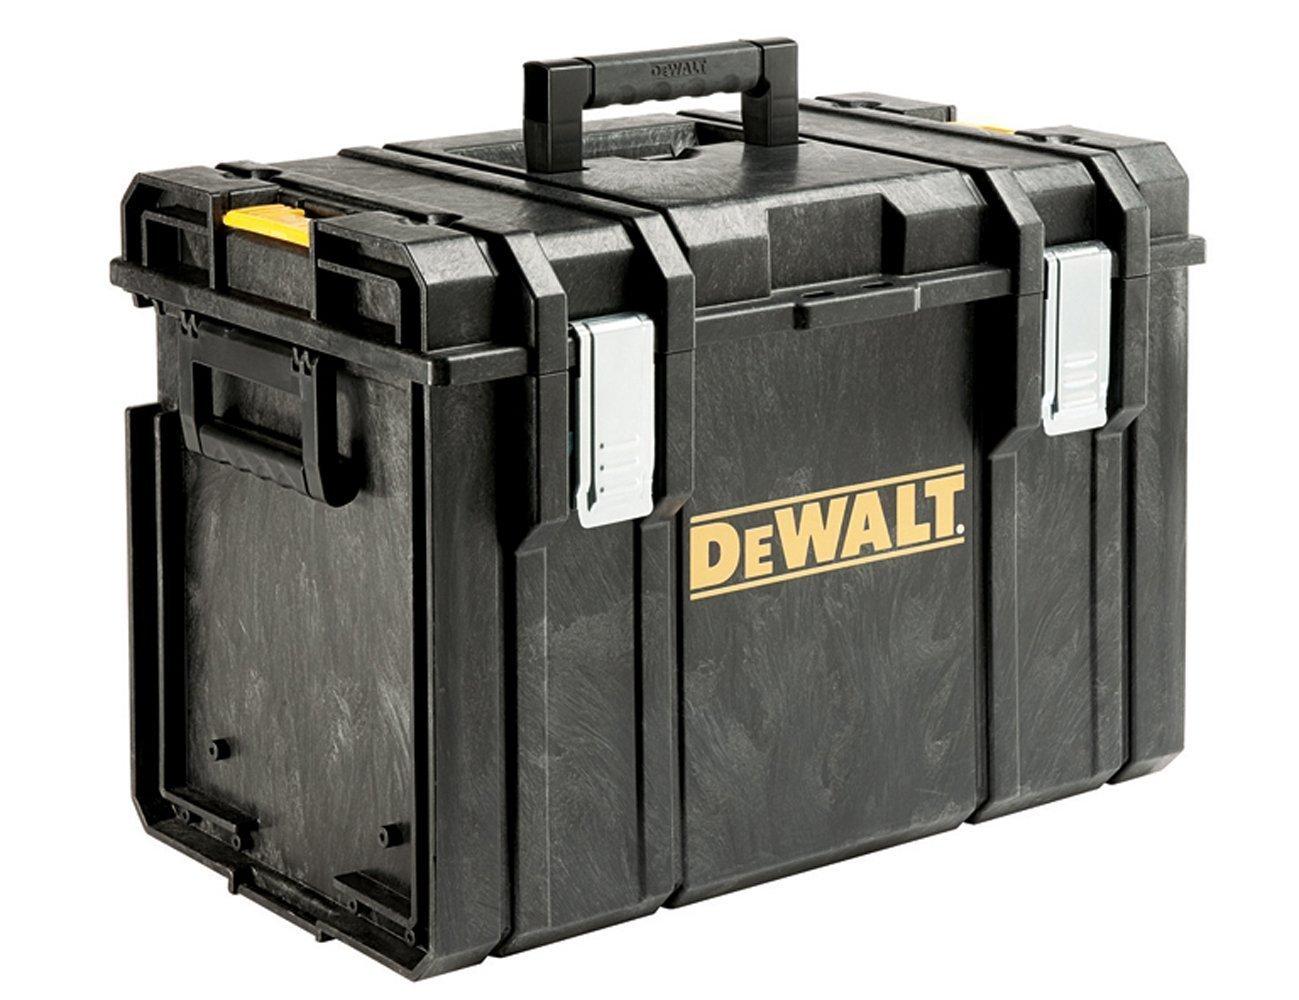 DeWalt Tough DS400 1-70-323, Caja espaciosa y Profunda para Herramientas,